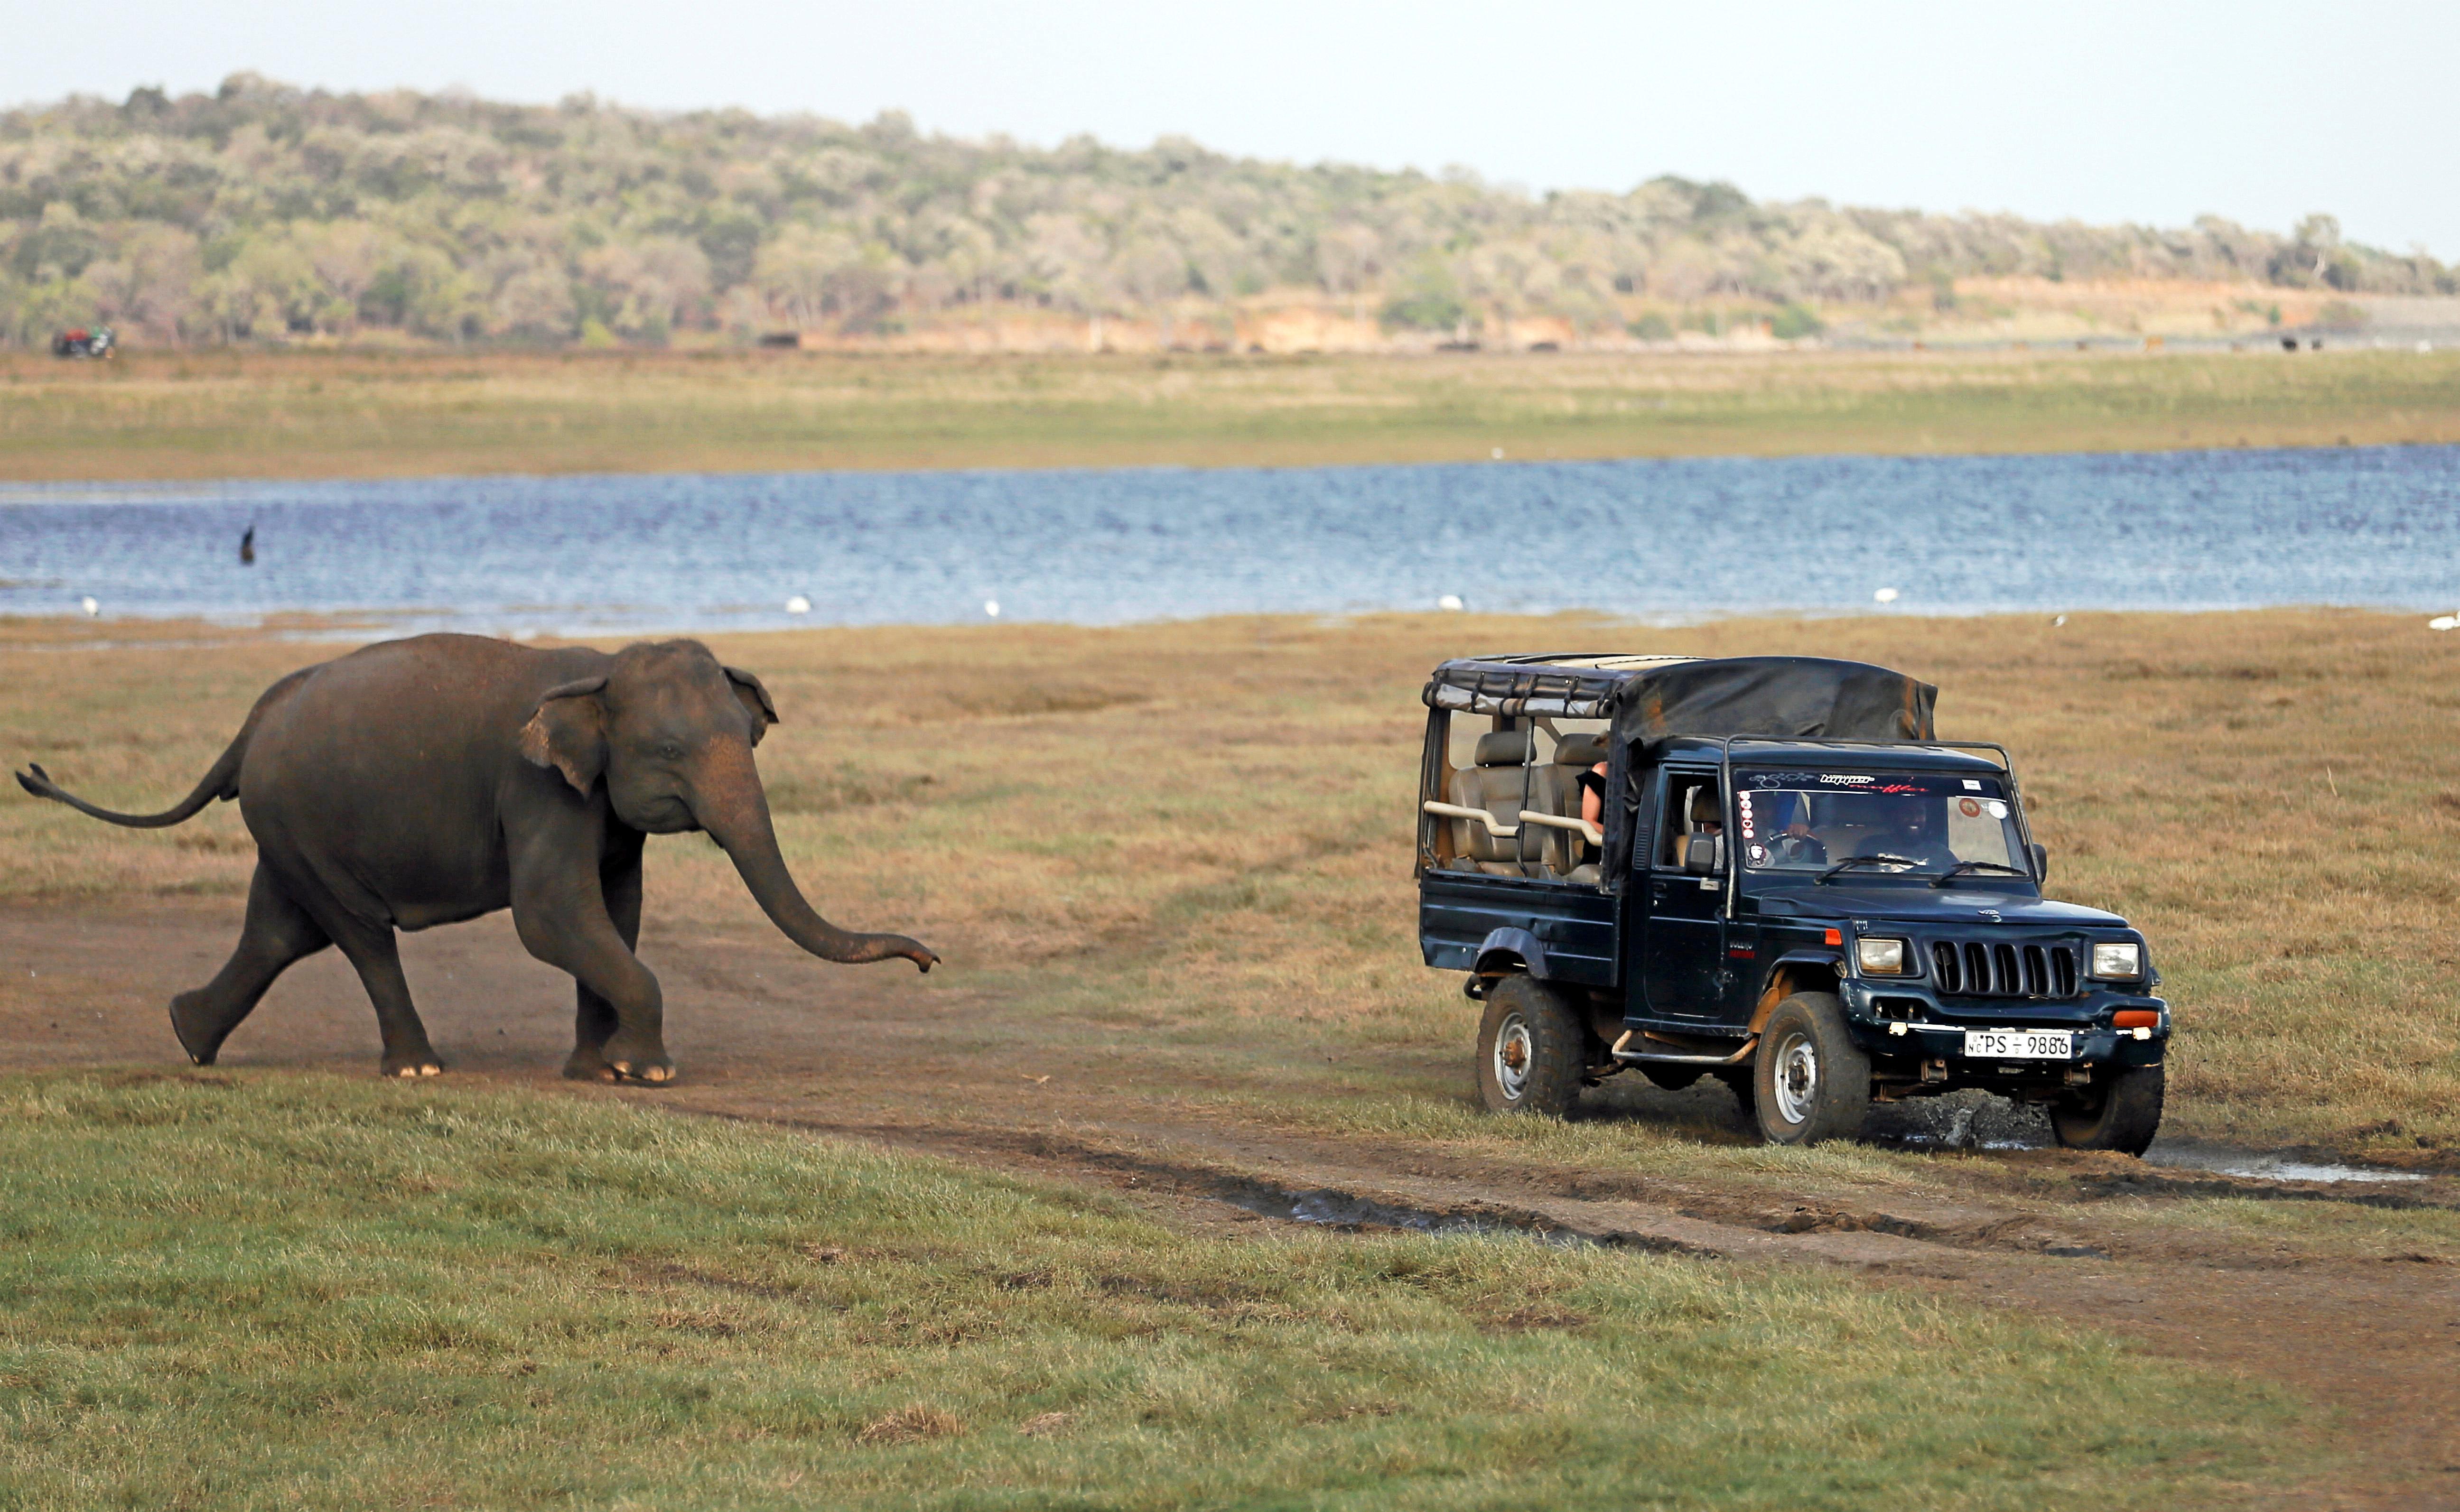 Ινδία: Τρομοκρατημένοι τουρίστες τρέχουν να σωθούν από άγριο